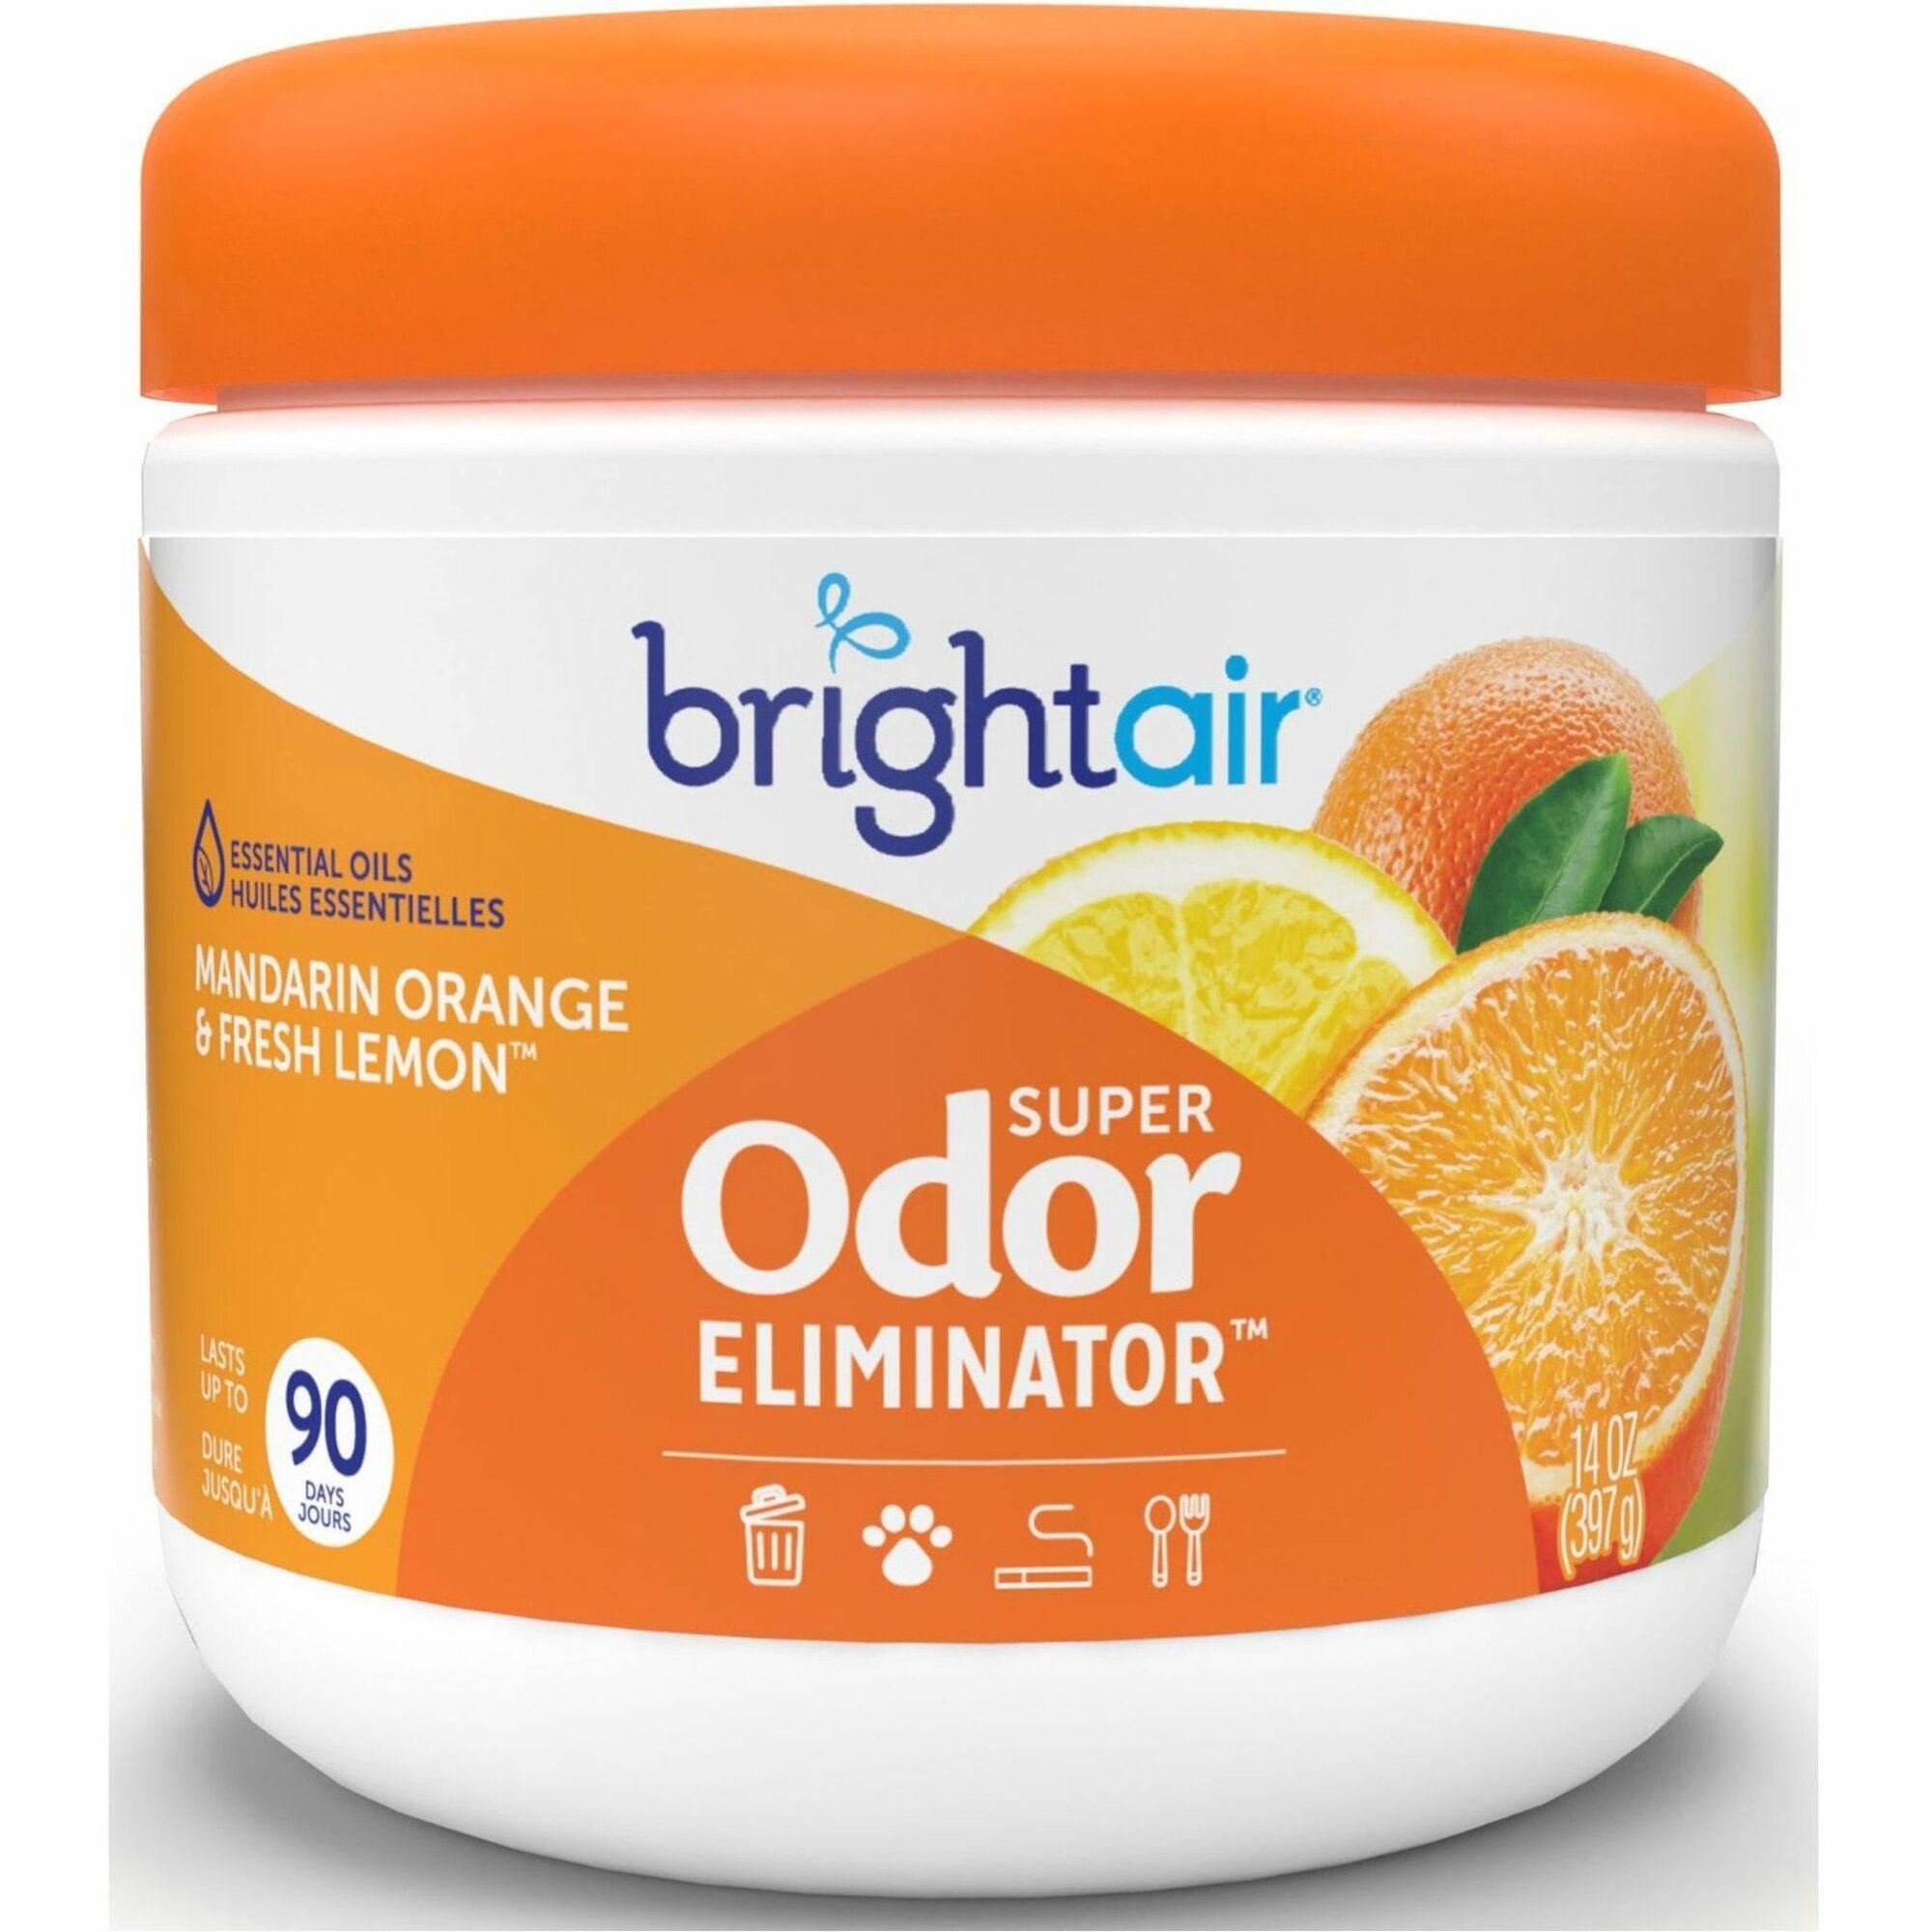 office air freshener. Bright Air Super Odor Eliminator Freshener - 396.9 G Mandarin Orange, Fresh Lemon 60 Day 1 Each Office S